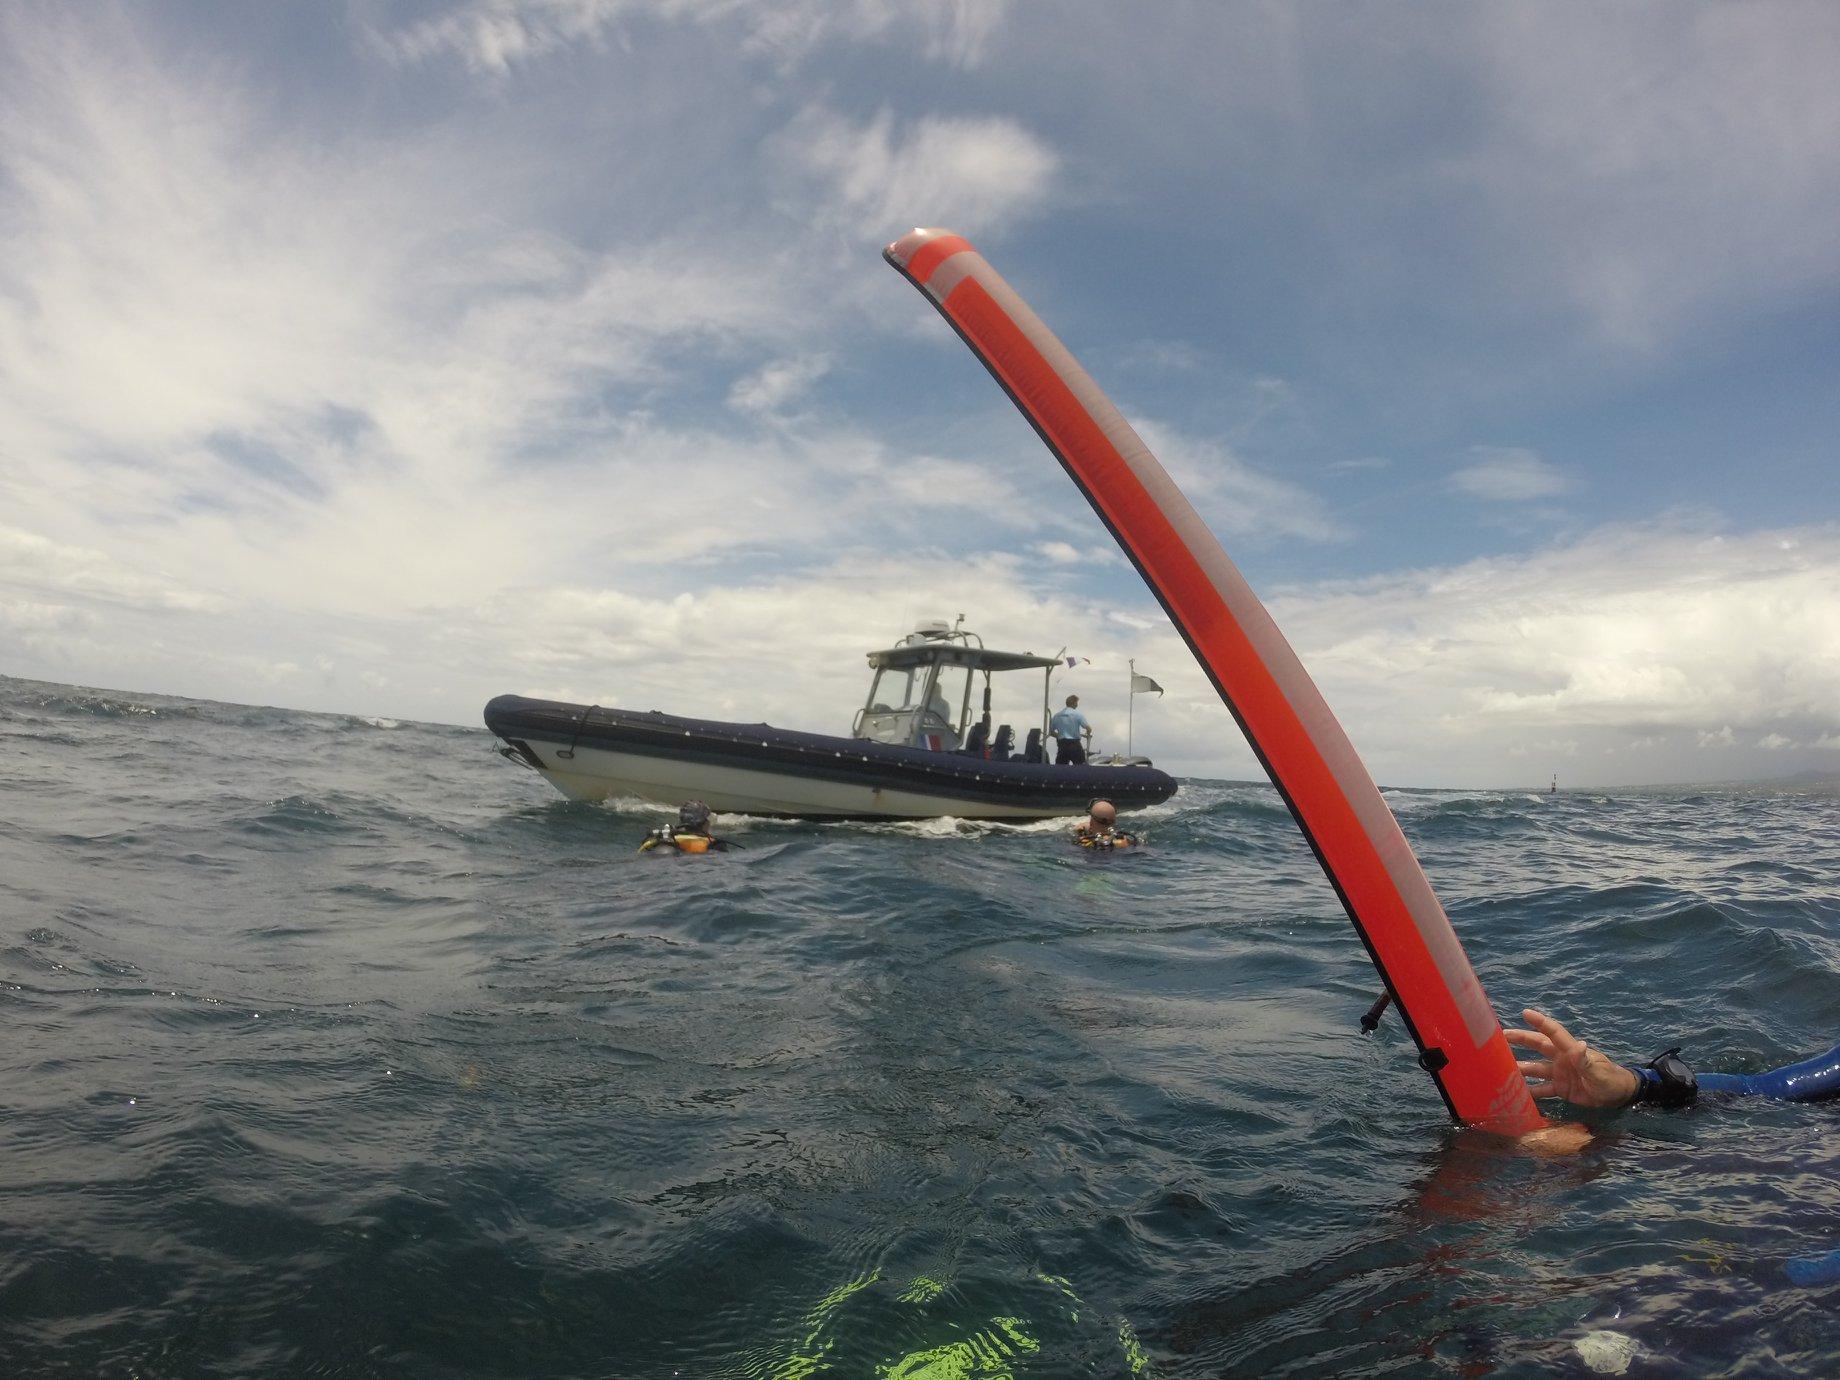 Le corps de l'apnéiste repêché par les gendarmes nautiques